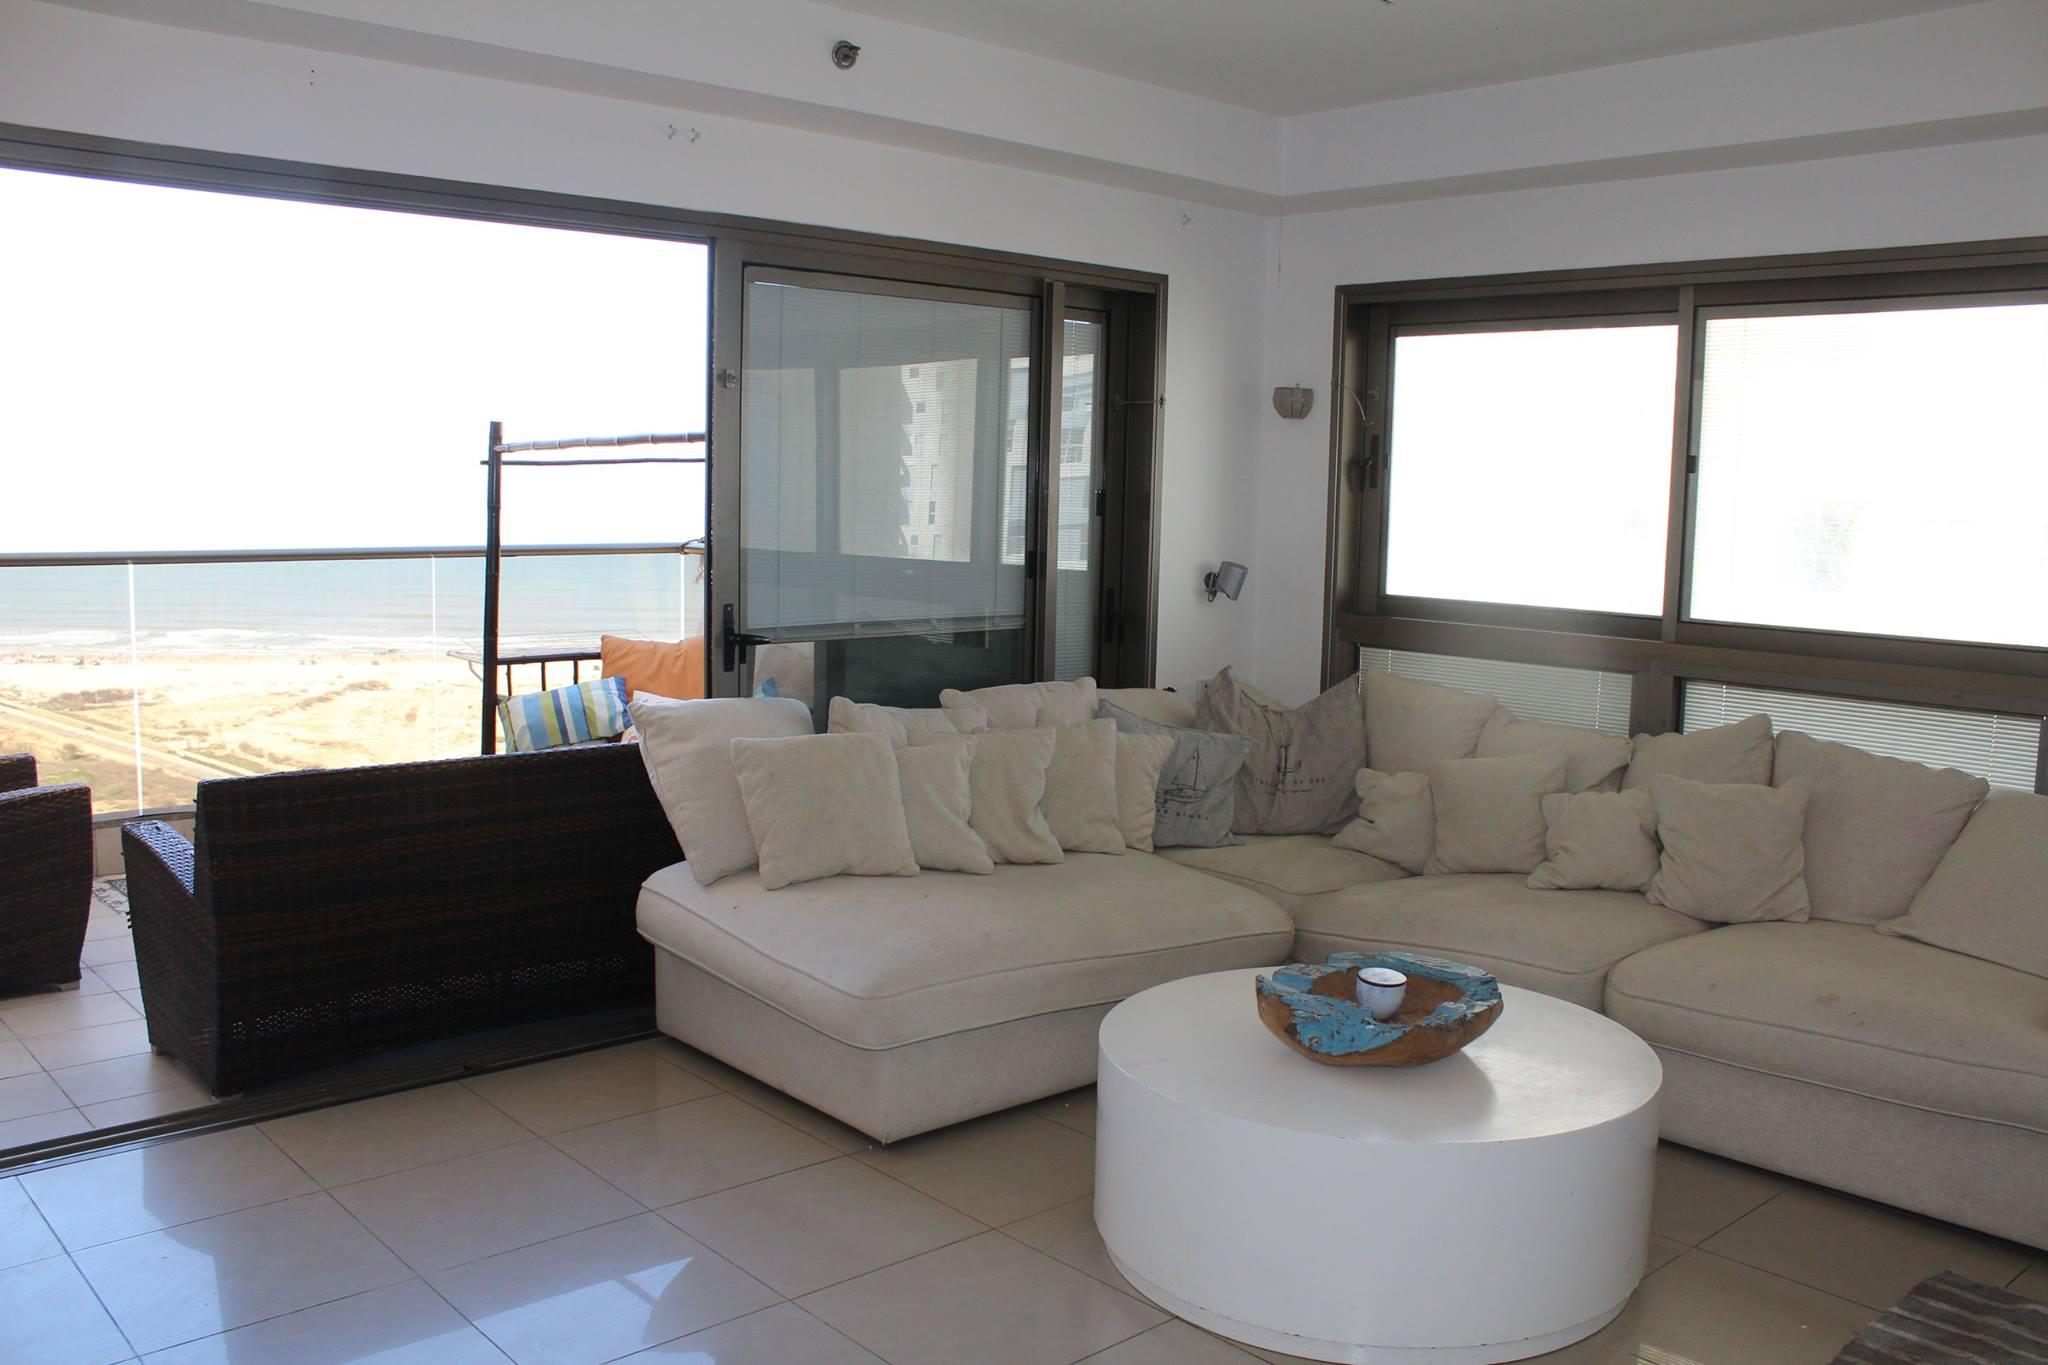 עדכון מעודכן דירה יוקרתית ומעוצבת בעיר ימים | RealEstate 4u VX-89